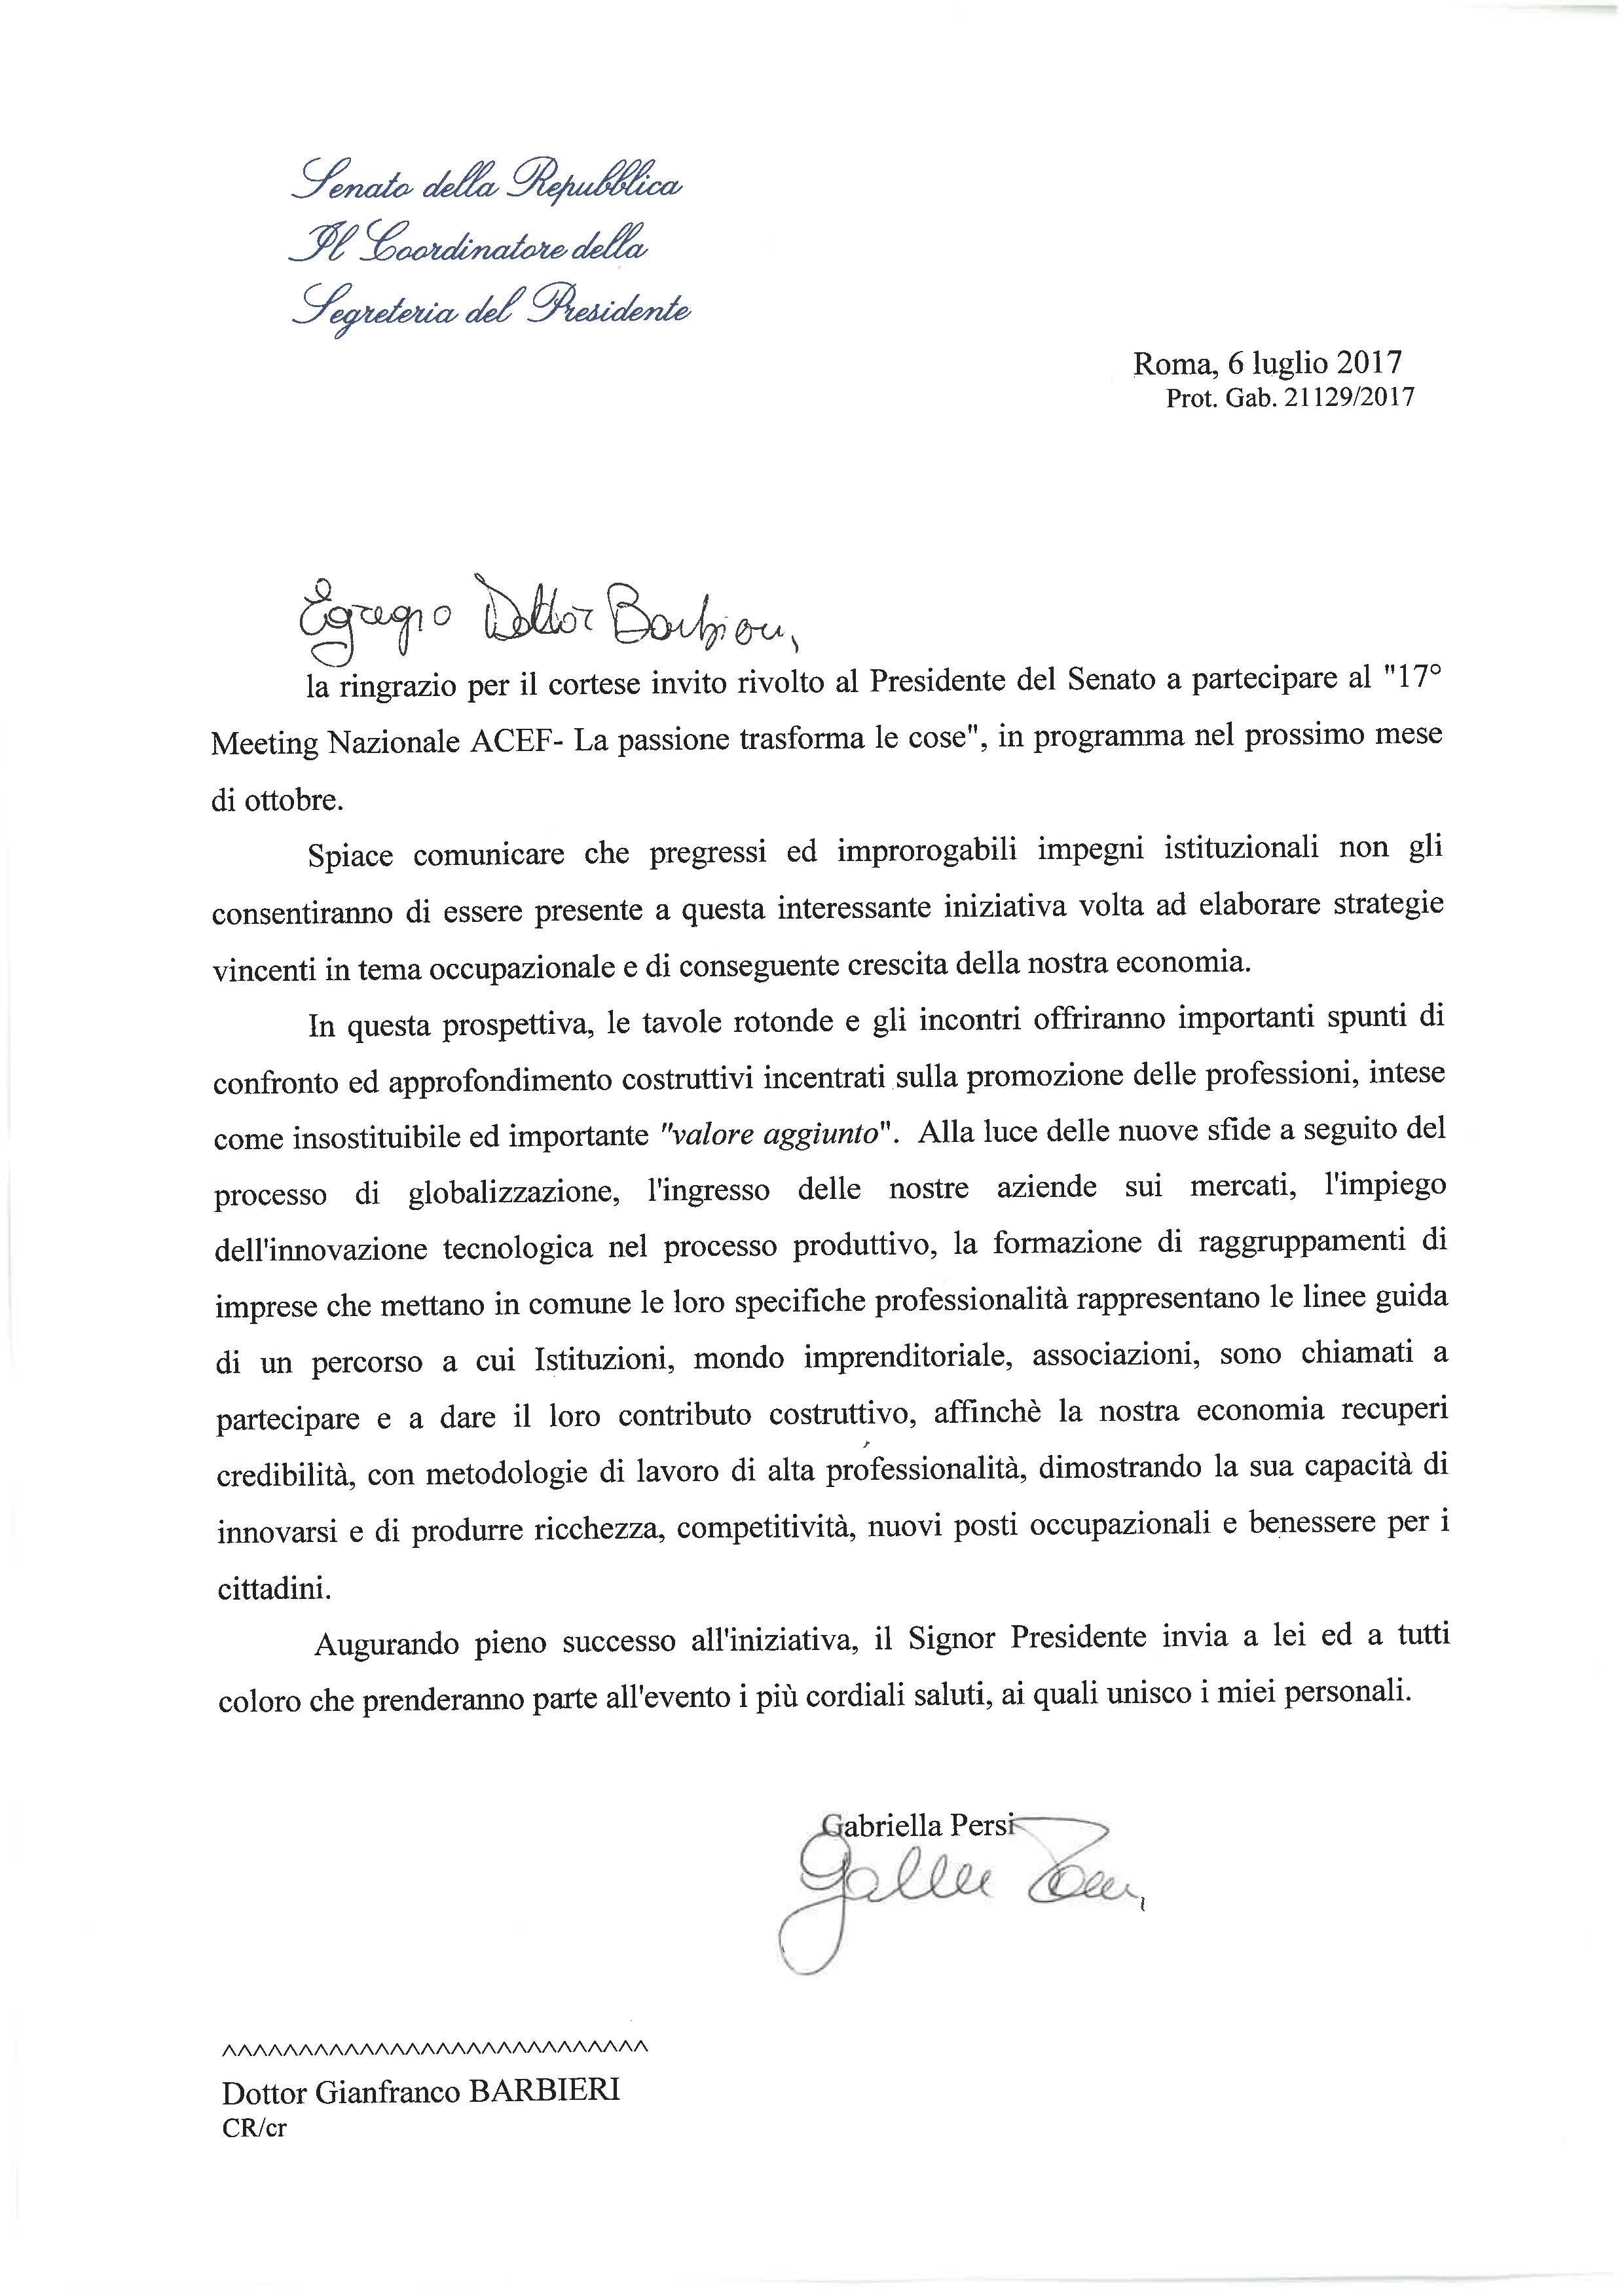 Lettera dal senato della repubblica meeting nazionale acef for Senato della repubblica indirizzo